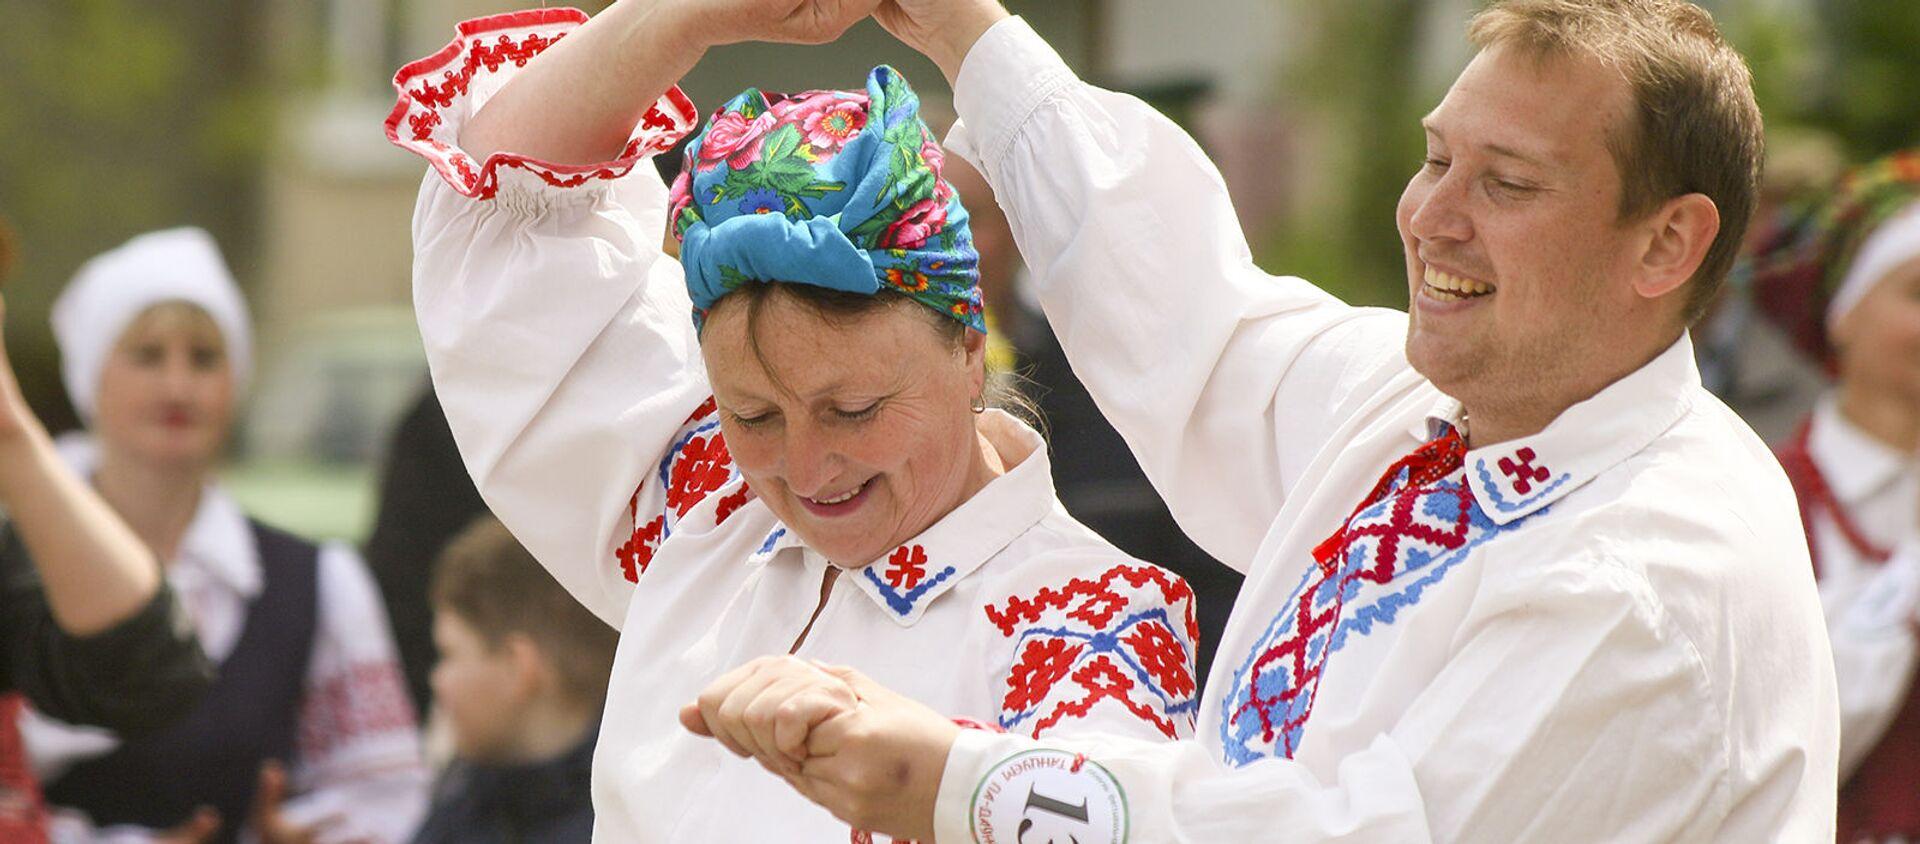 Фестываль-свята побытавых танцаў Танцуем па-даўнейшаму - Sputnik Беларусь, 1920, 25.05.2021